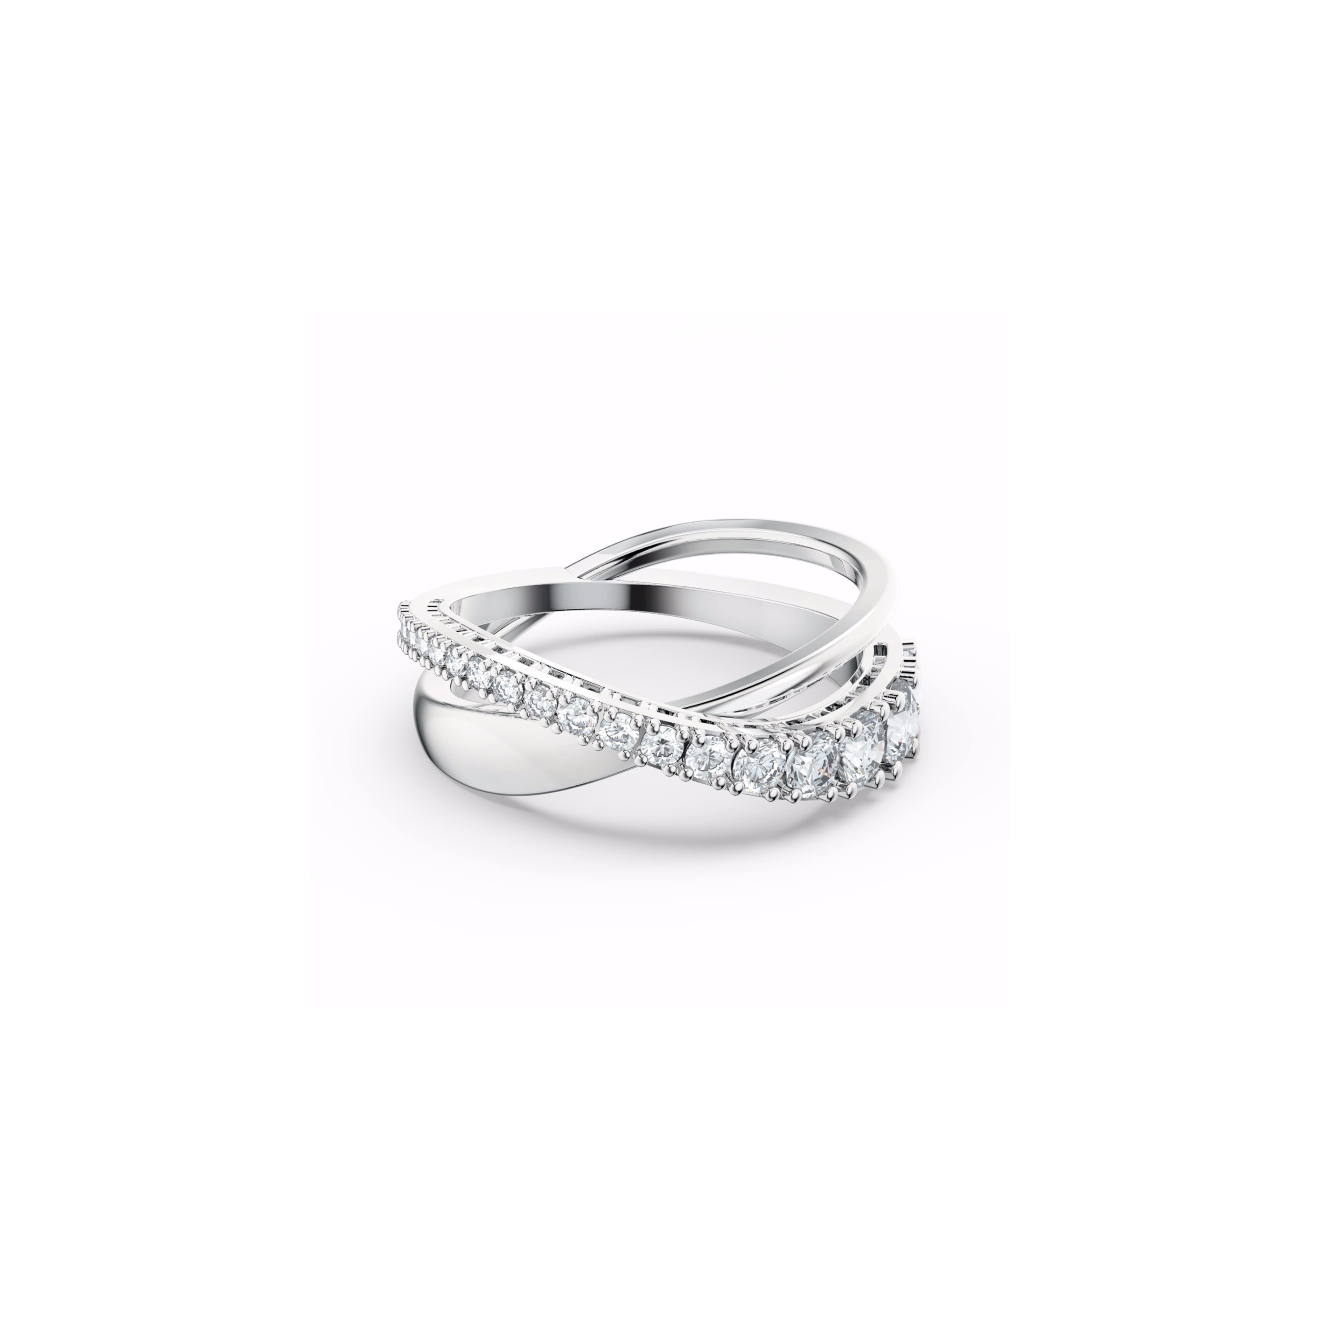 Unode50 Подвеска с кристаллом, покрытая серебром